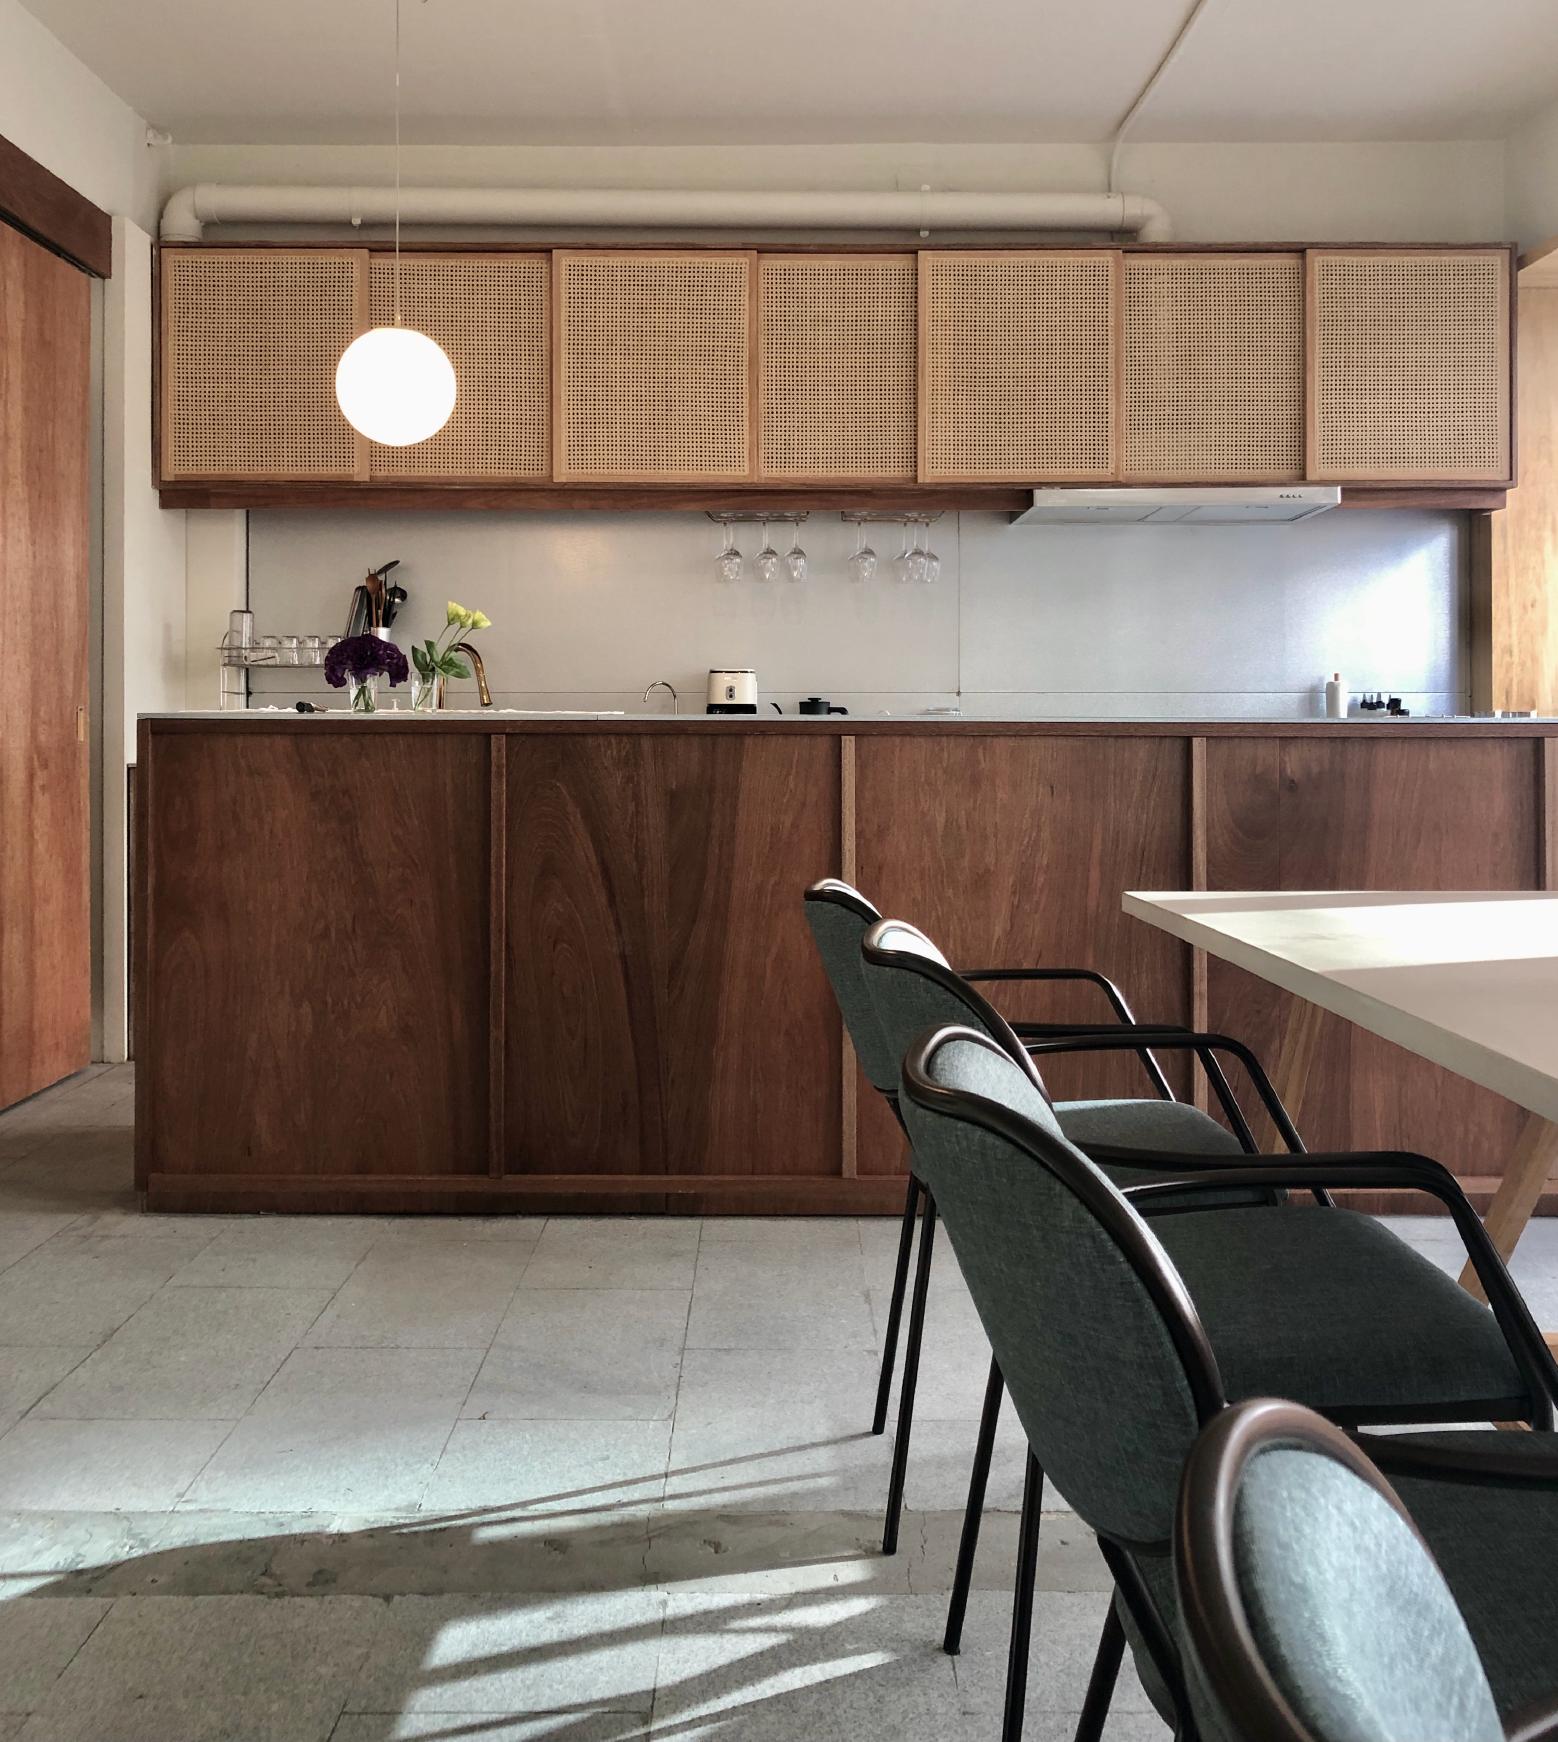 Три стула и белый стол, а на заднем плане - кухня открытого типа с деревянной мебелью.